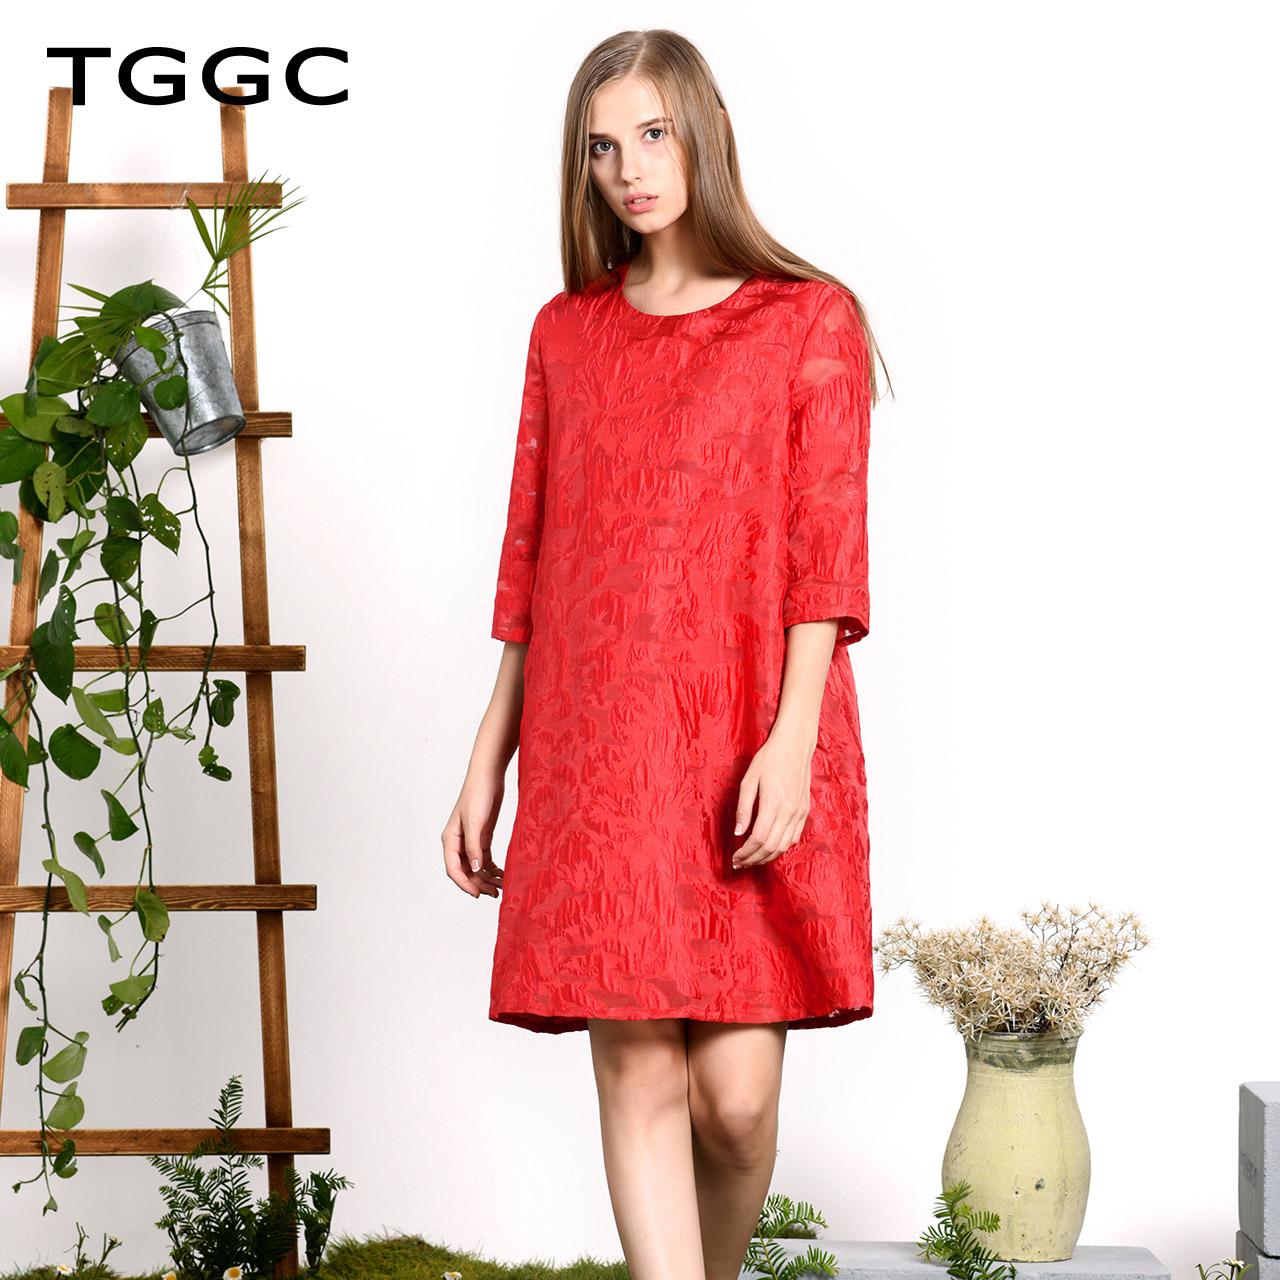 TGGC 2018年春装新款提花A型短裙通勤宽松五分袖雪纺连衣裙F21856